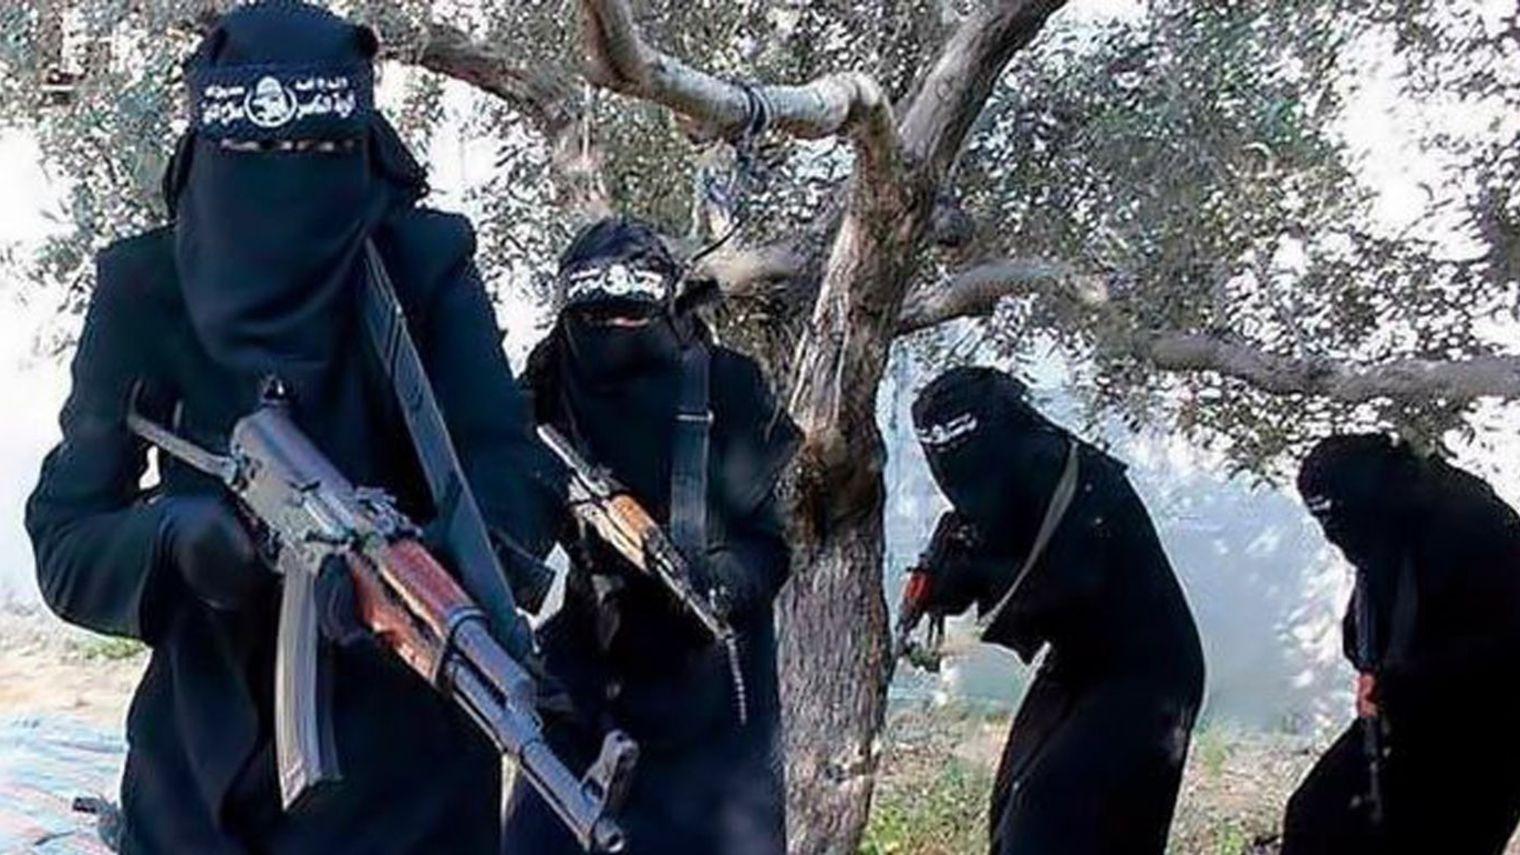 Abdoulaye Pouye, le Maire de Mbao a battu en brèche l'enquête menée sur les femmes de la Banlieue et  l'islam radical au Sénégal à l'initiative de l'Observatoire des radicalismes et conflits religieux au Sénégal, dénommé Timbuktu Institute.